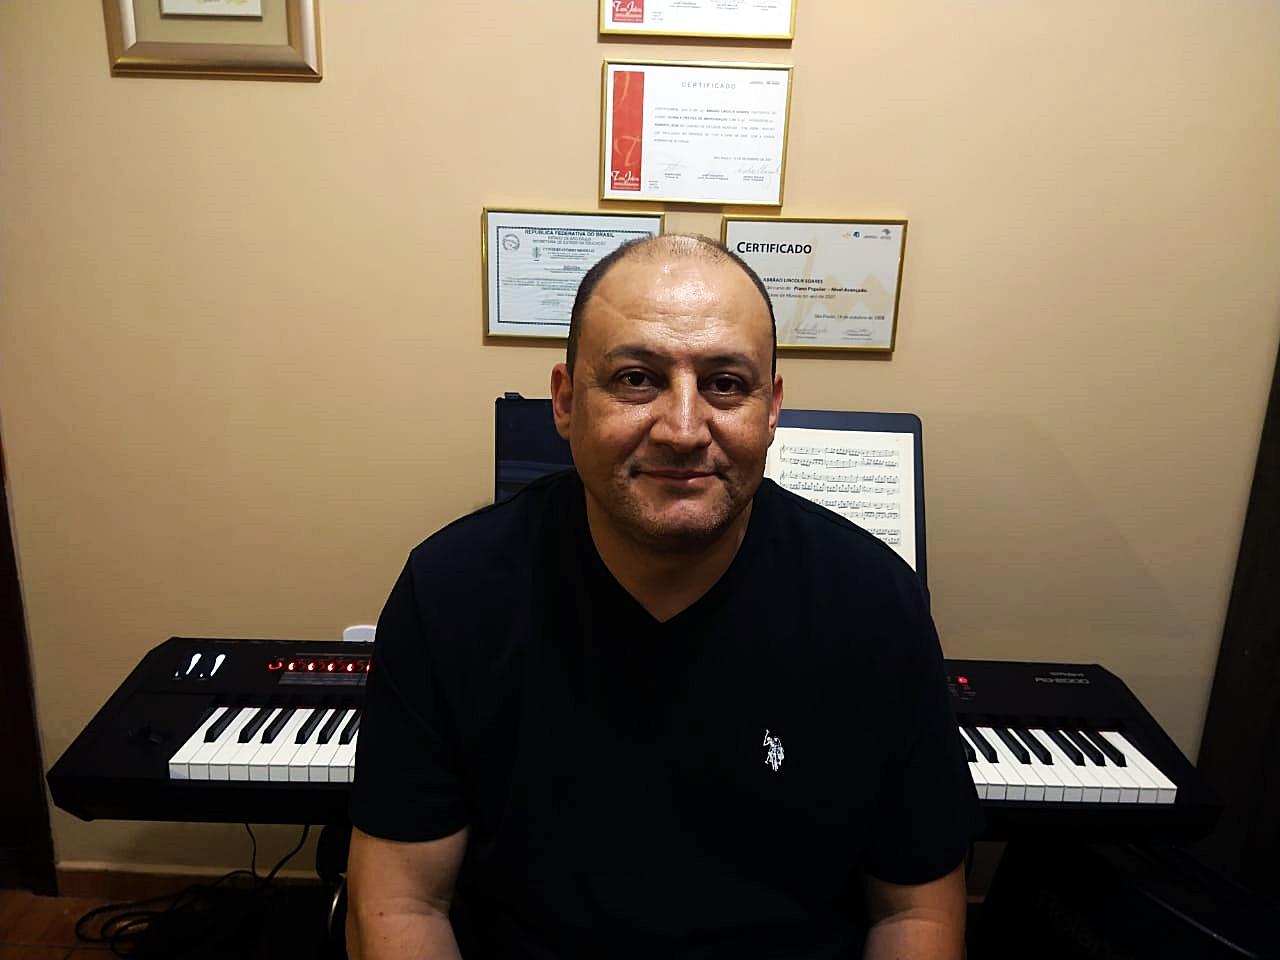 Curso de Piano Popular em indaiatuba